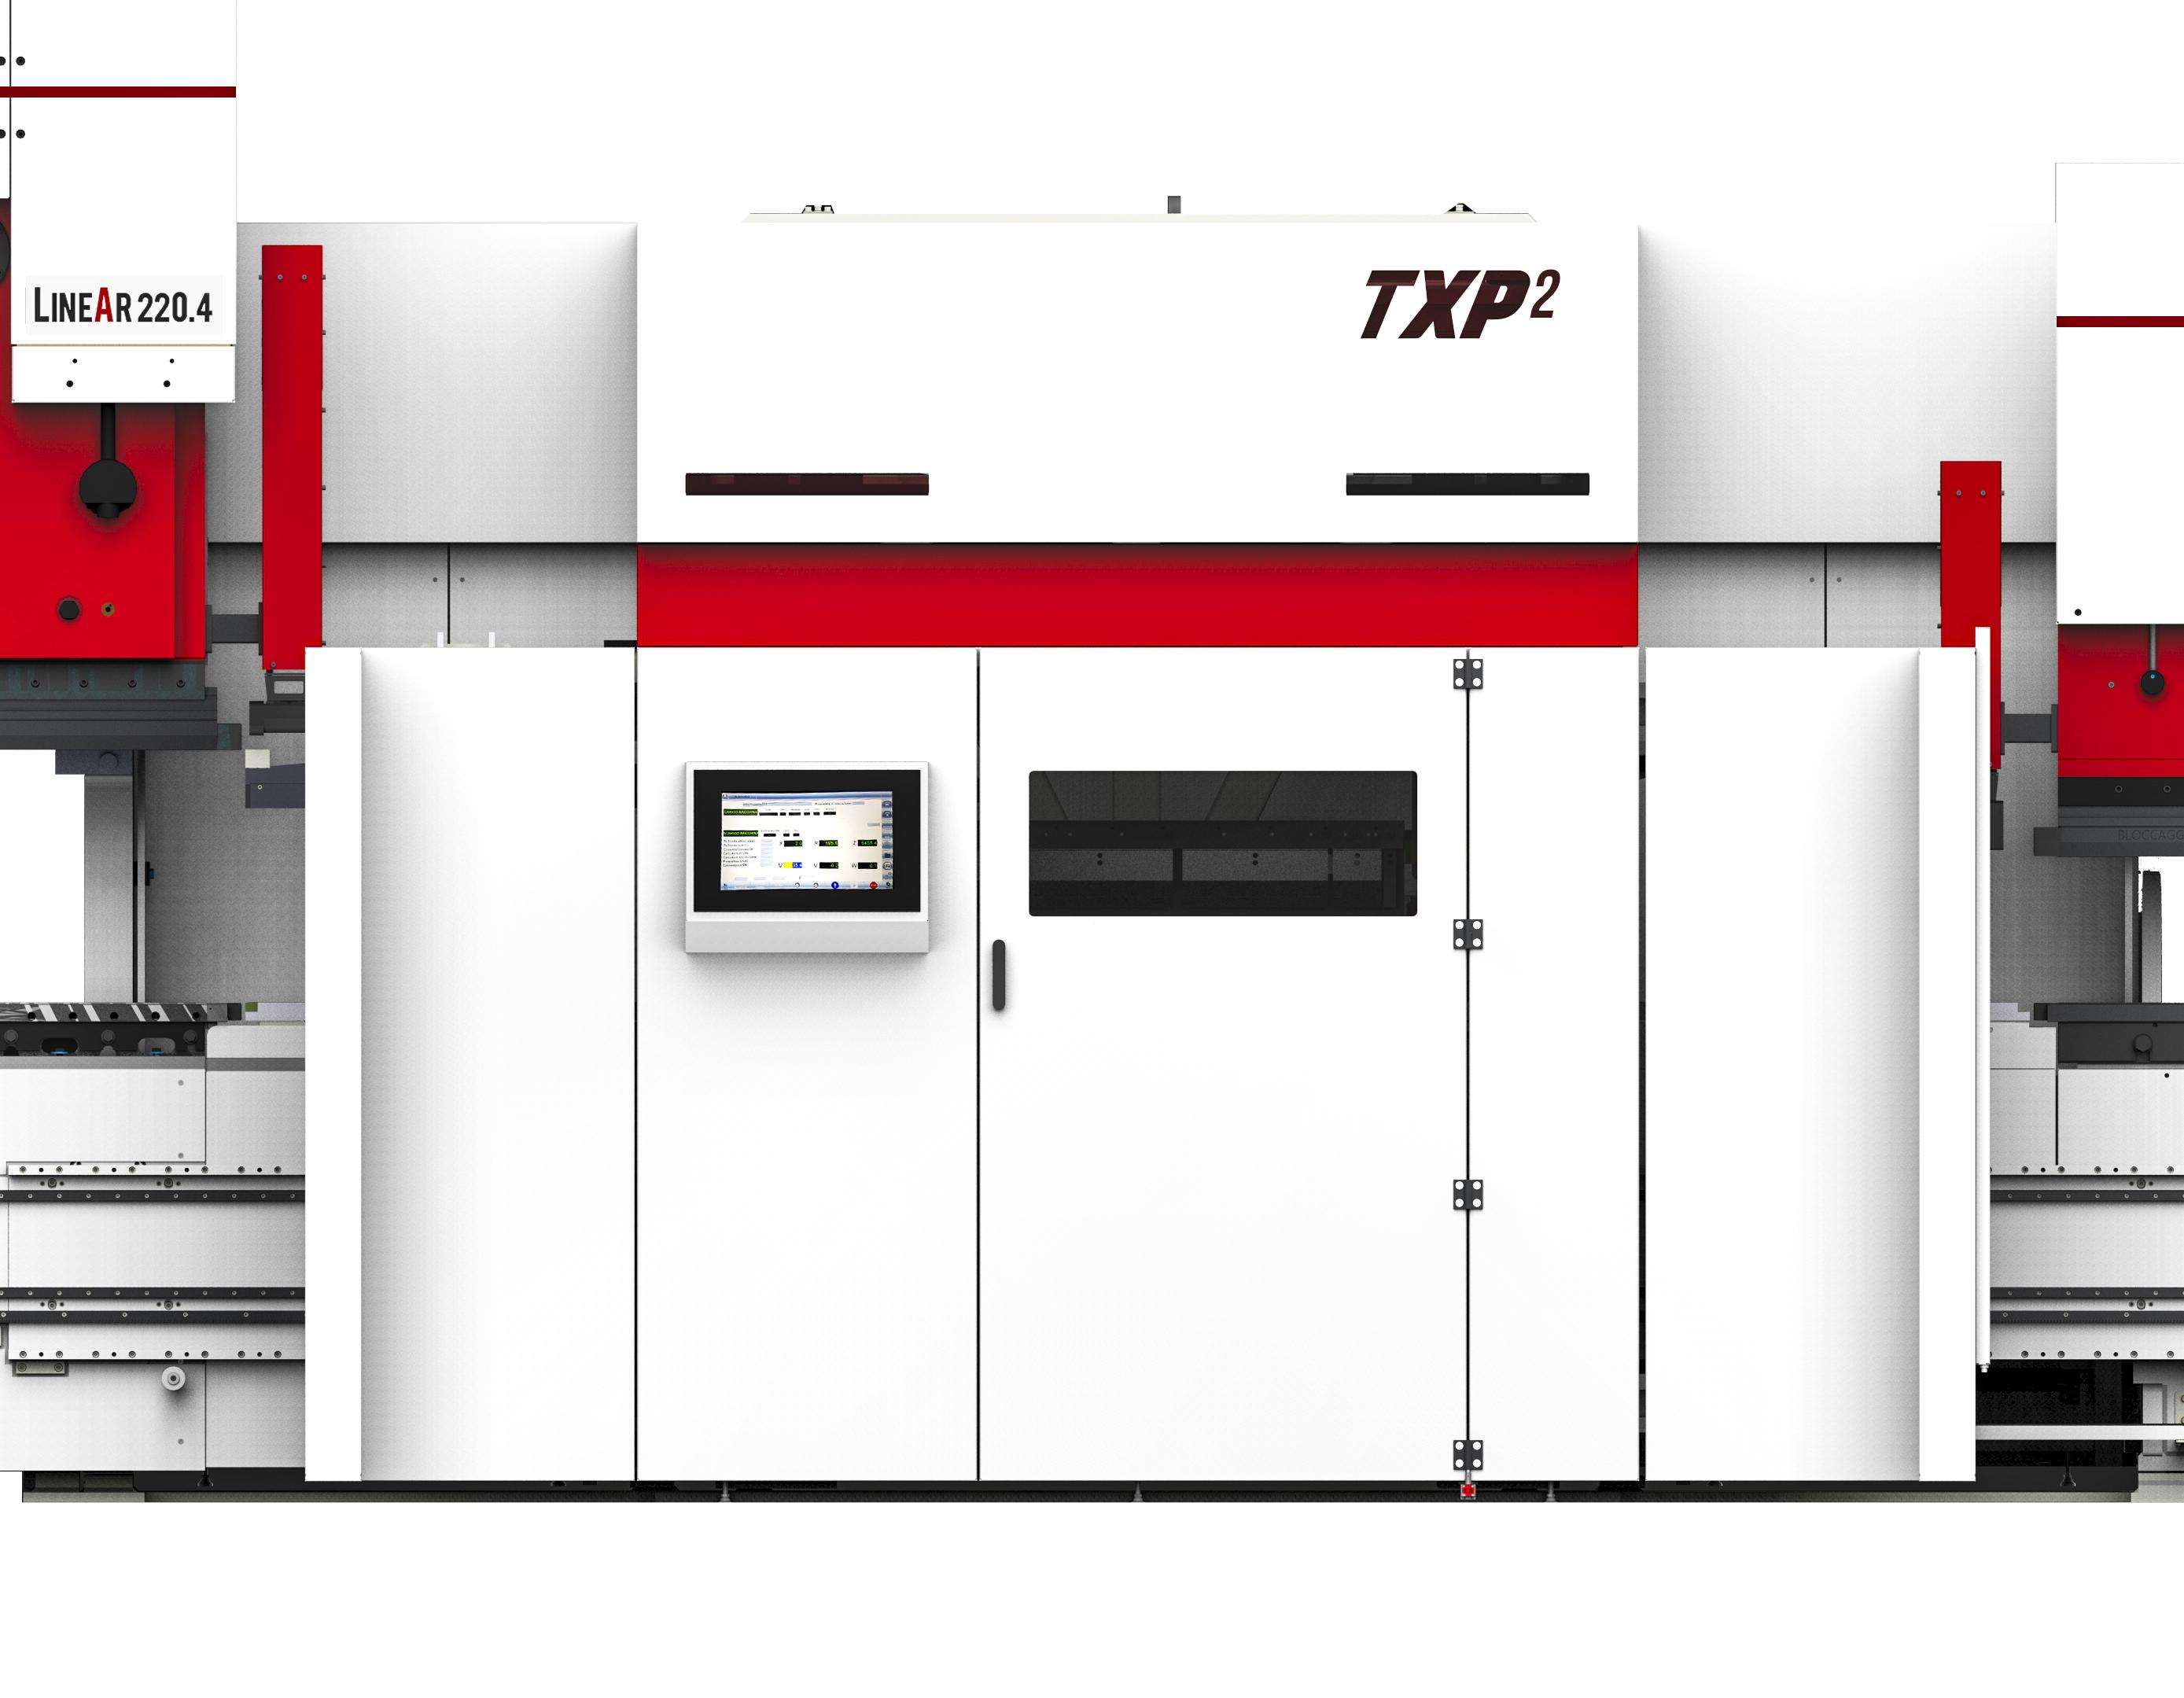 TXP2 magasin d'outillage presse plieuse Schiavi